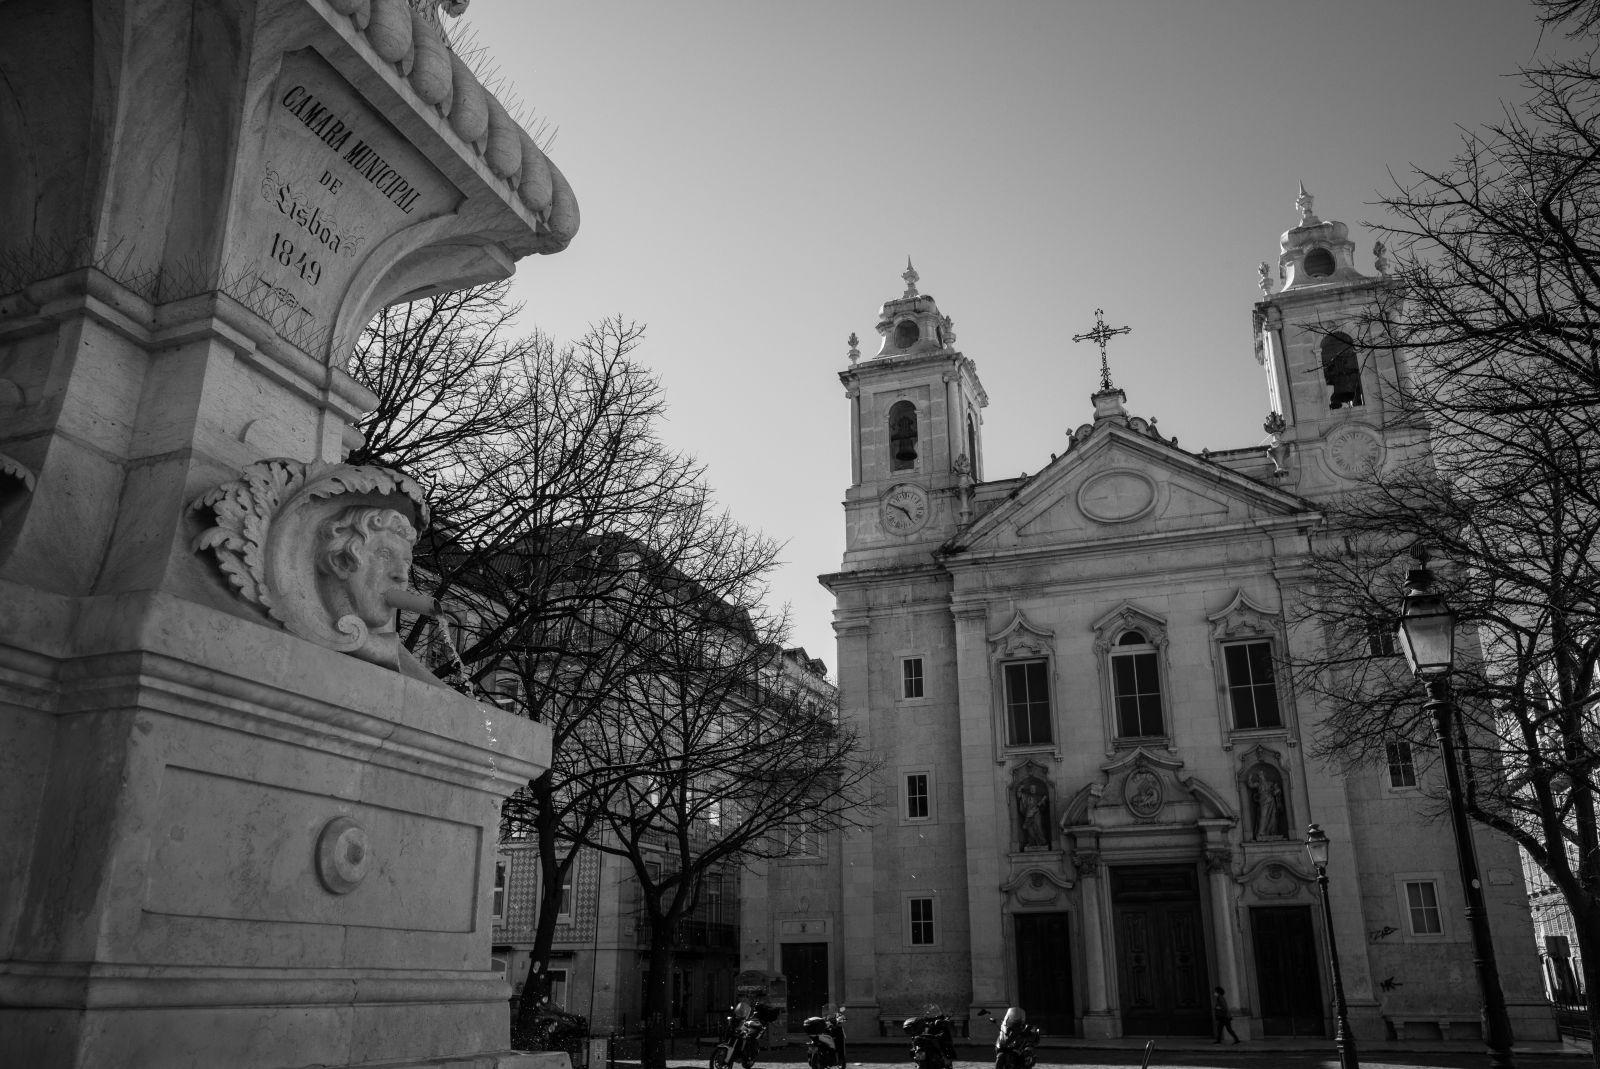 Fotos: ©Rui Sérgio Afonso